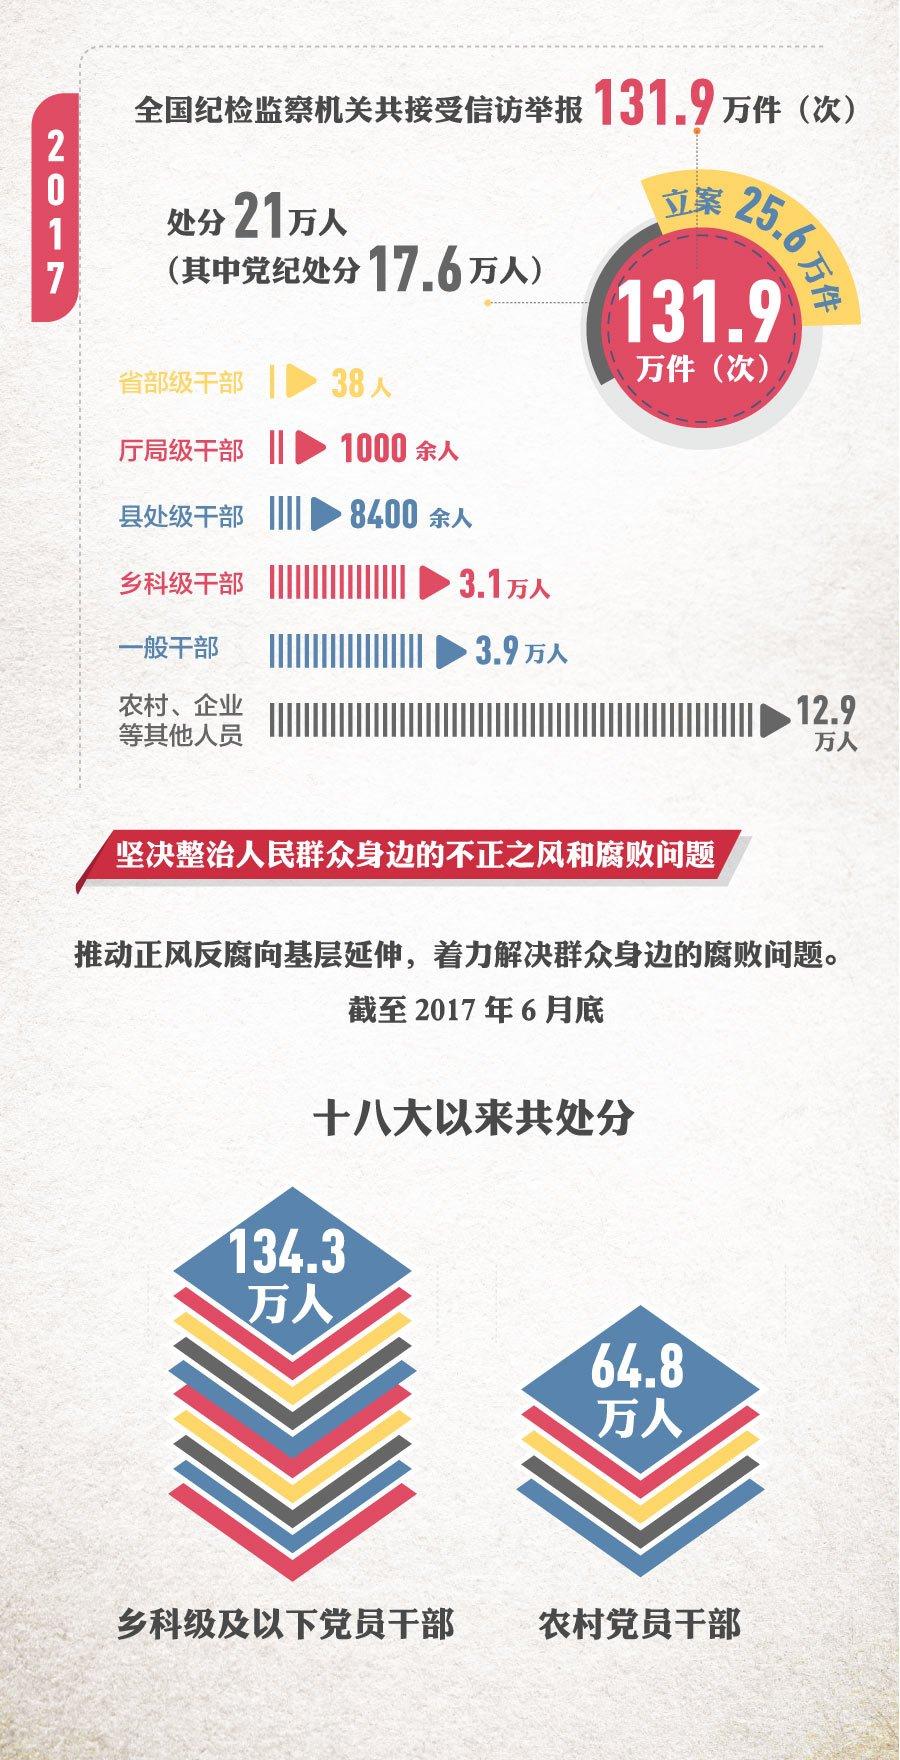 中共中紀委官網數據顯示,自中共十八大以來,截至2017年6月底,被查處的各級官員高達200萬人。(中紀委網站擷圖)